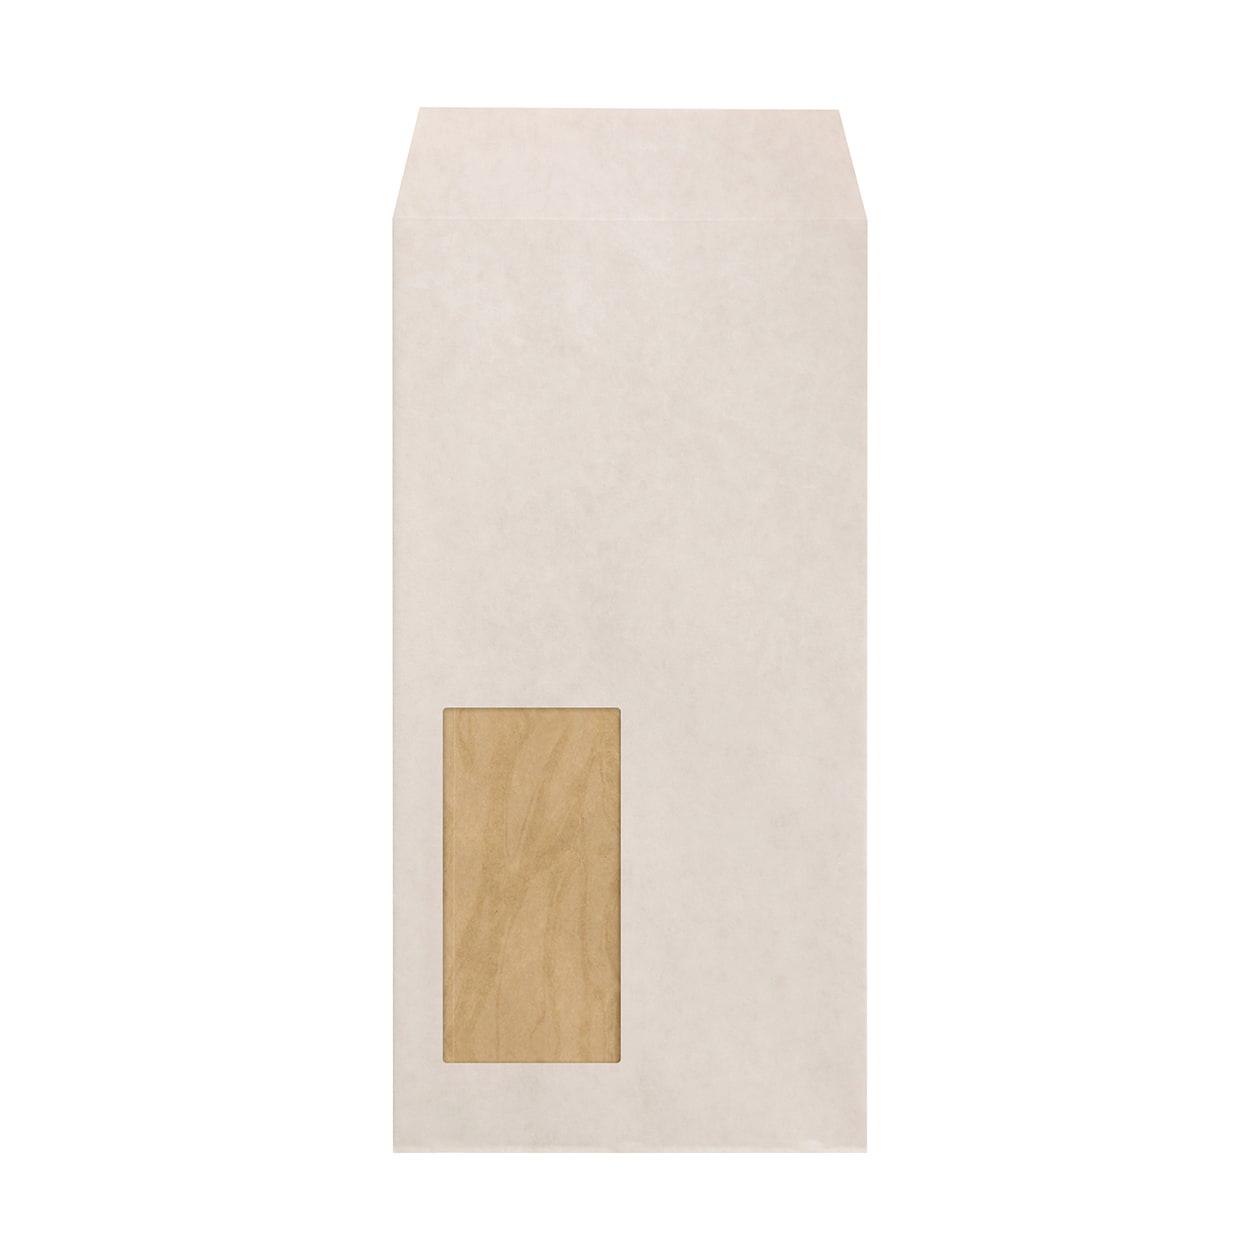 長3窓封筒 ホワイトクラフト 100g